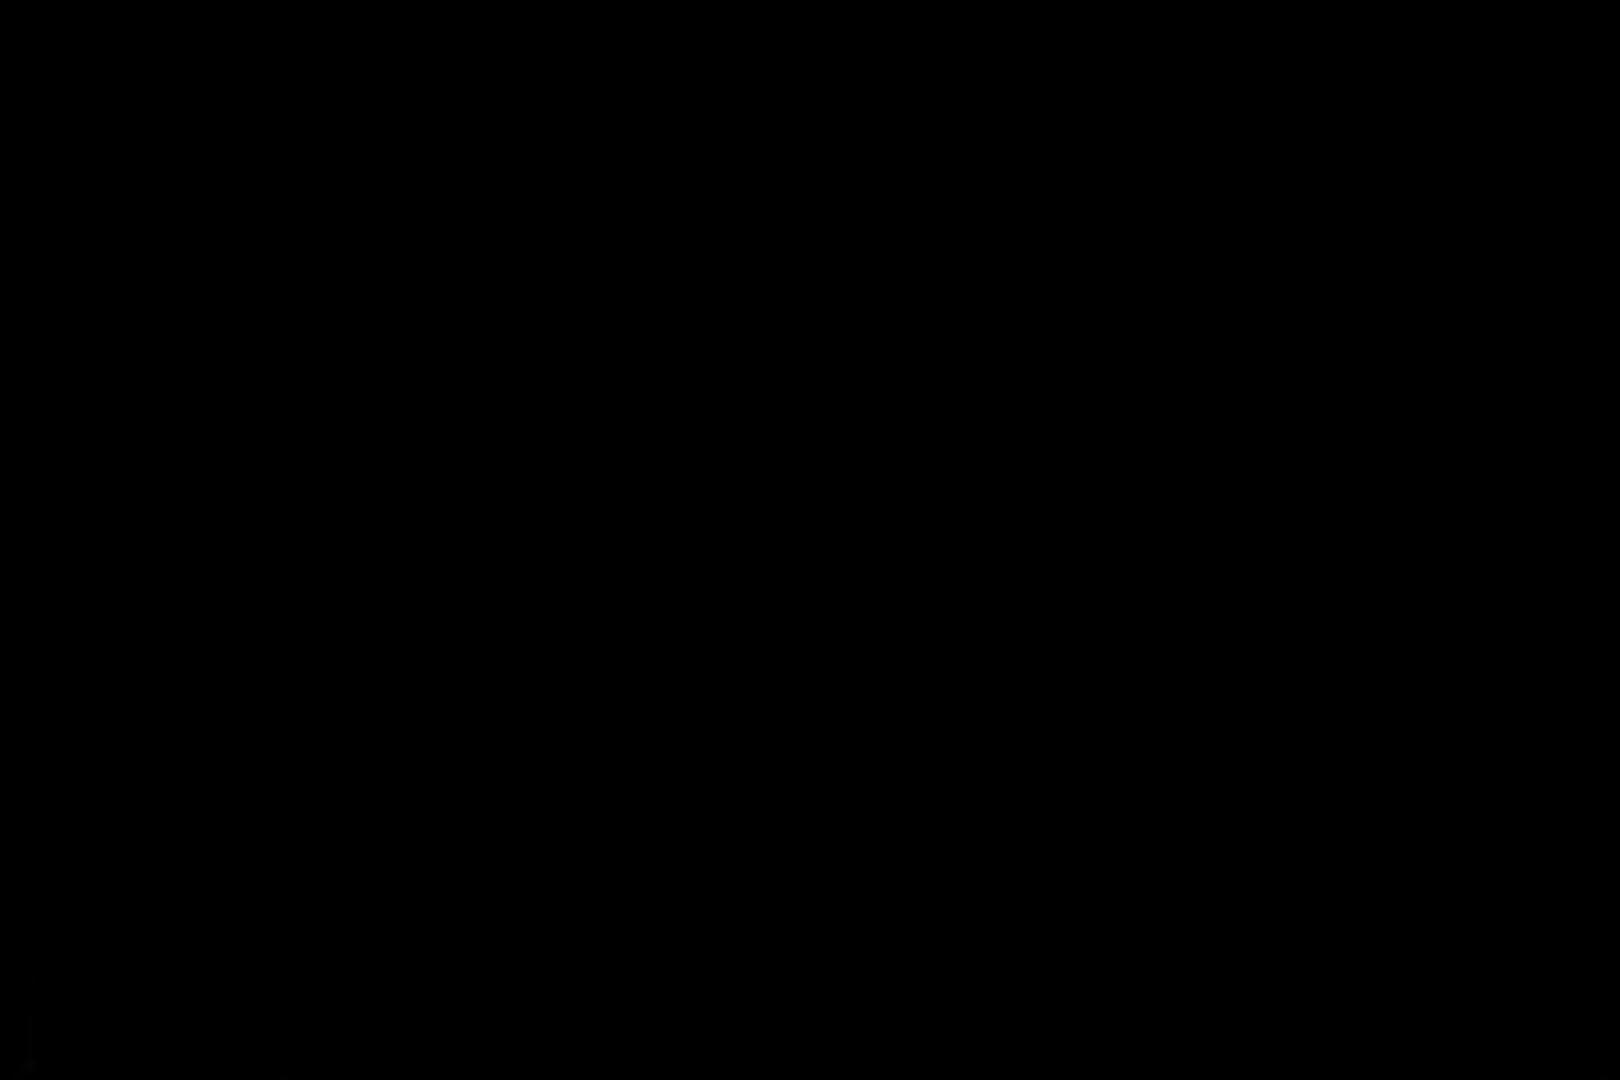 三ツ星シリーズ!!陰間茶屋独占!!第二弾!!イケメン羞恥心File.06 オナニー ゲイ無料エロ画像 57pic 36